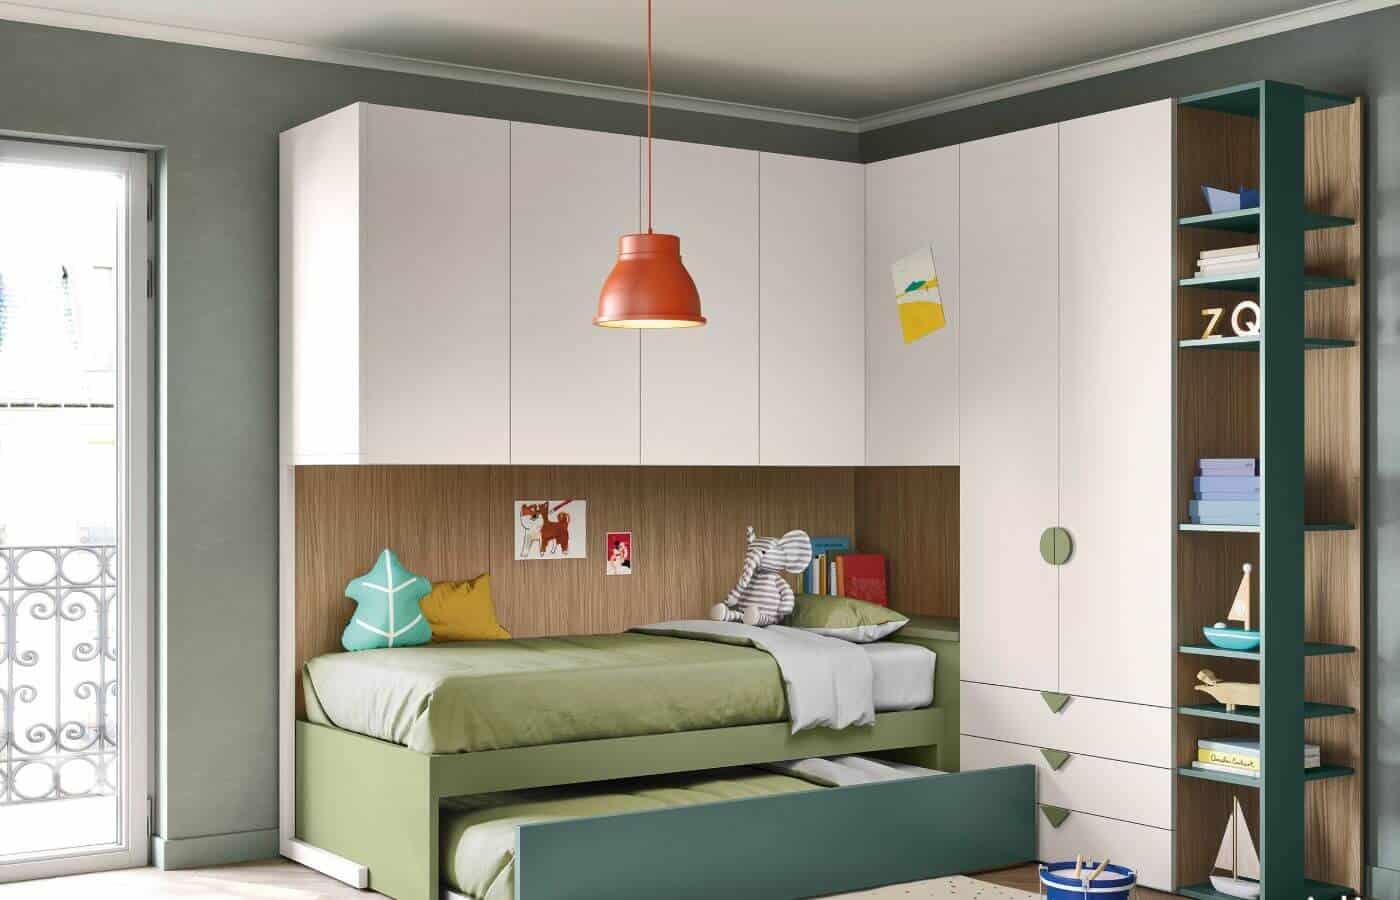 camerette-collezione-vesta-il-mobile (3)